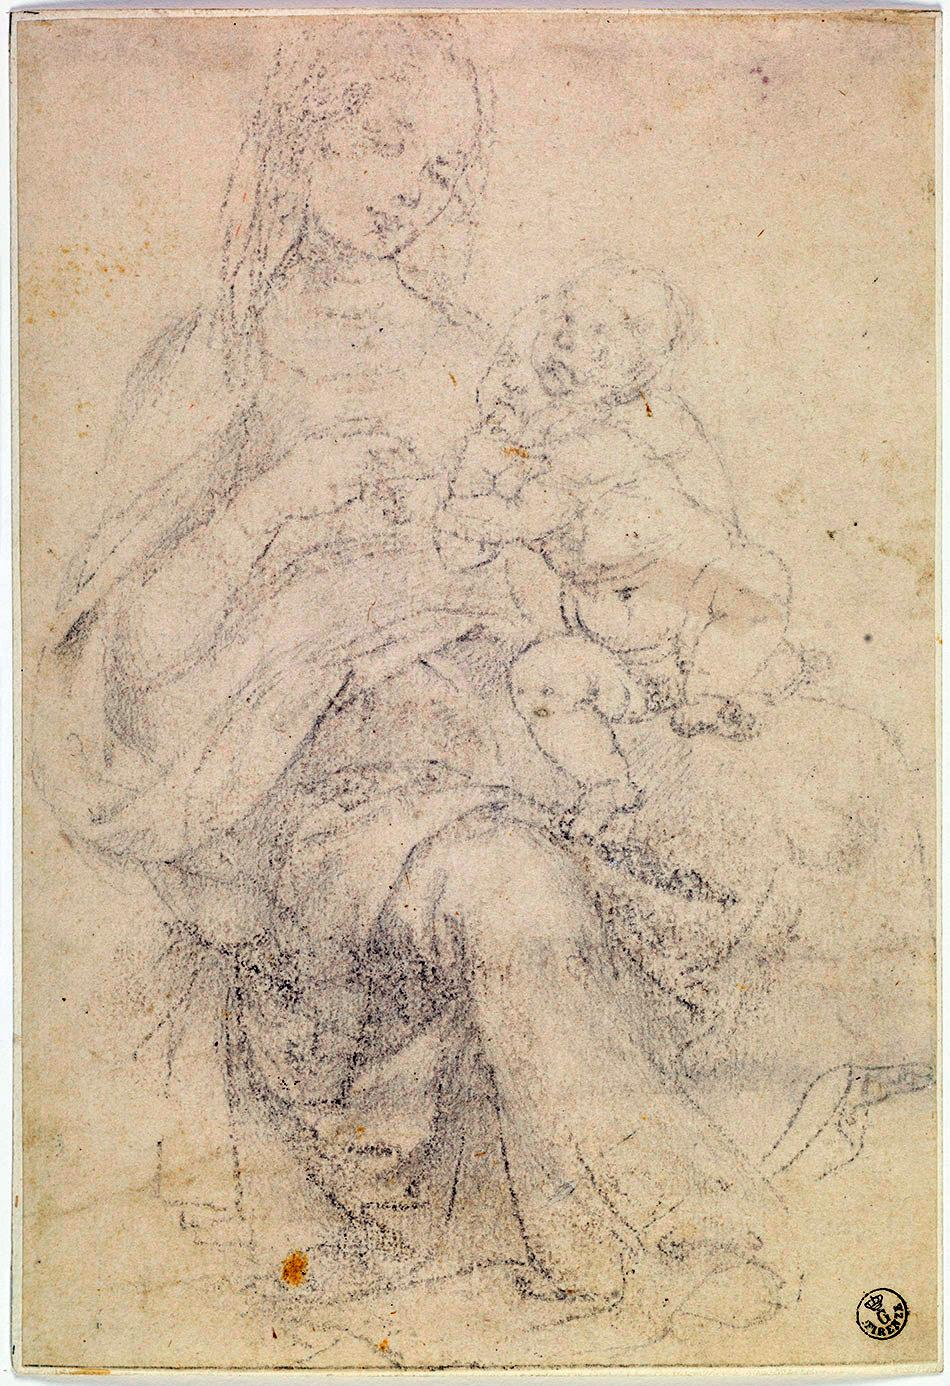 Madonna con niño sobre ella, de Andrea del Verrocchio o Leonardo Da Vinci